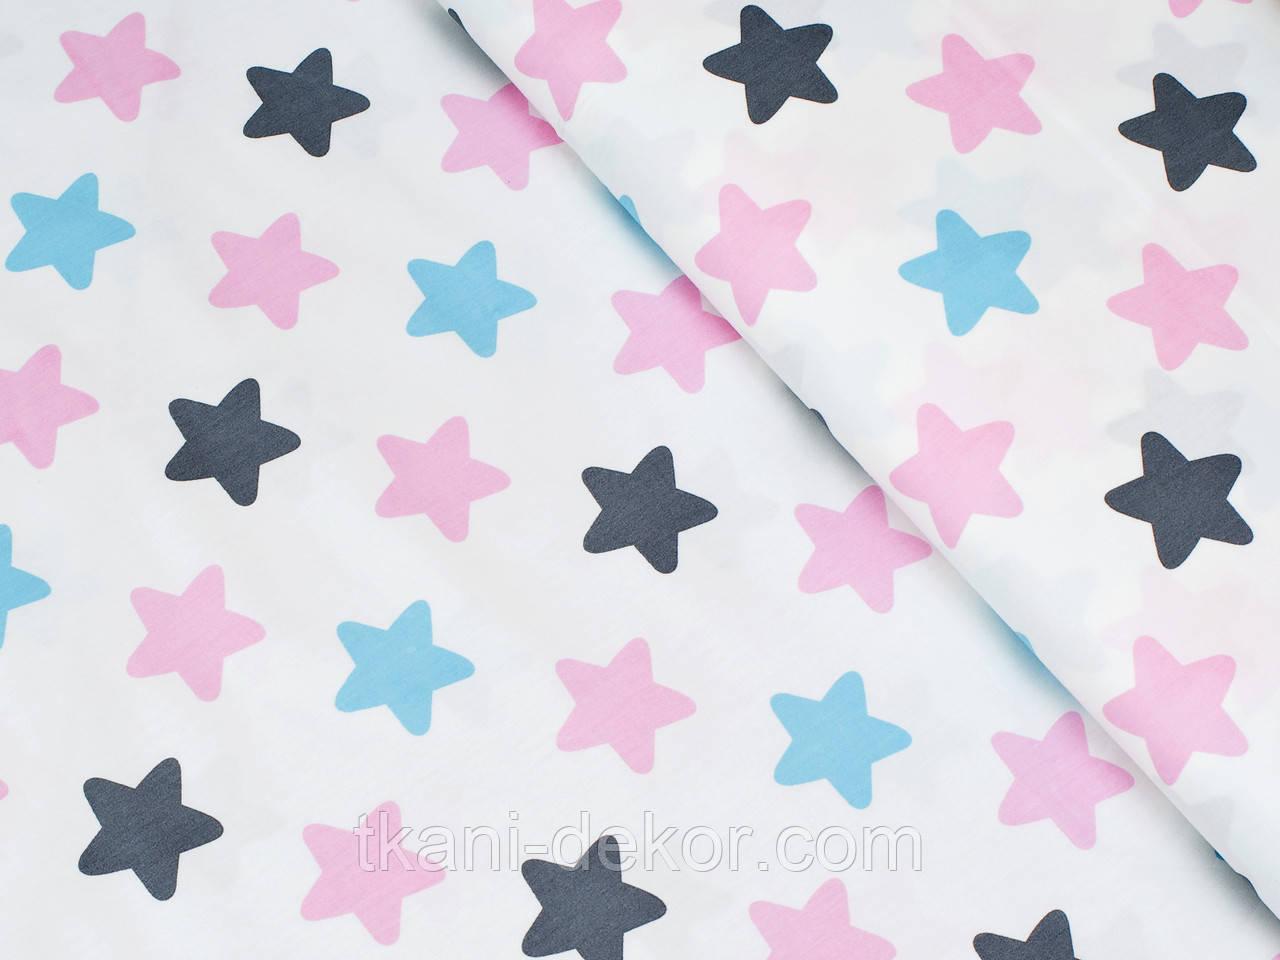 Сатин (хлопковая ткань) серо-розово-мятные звезды